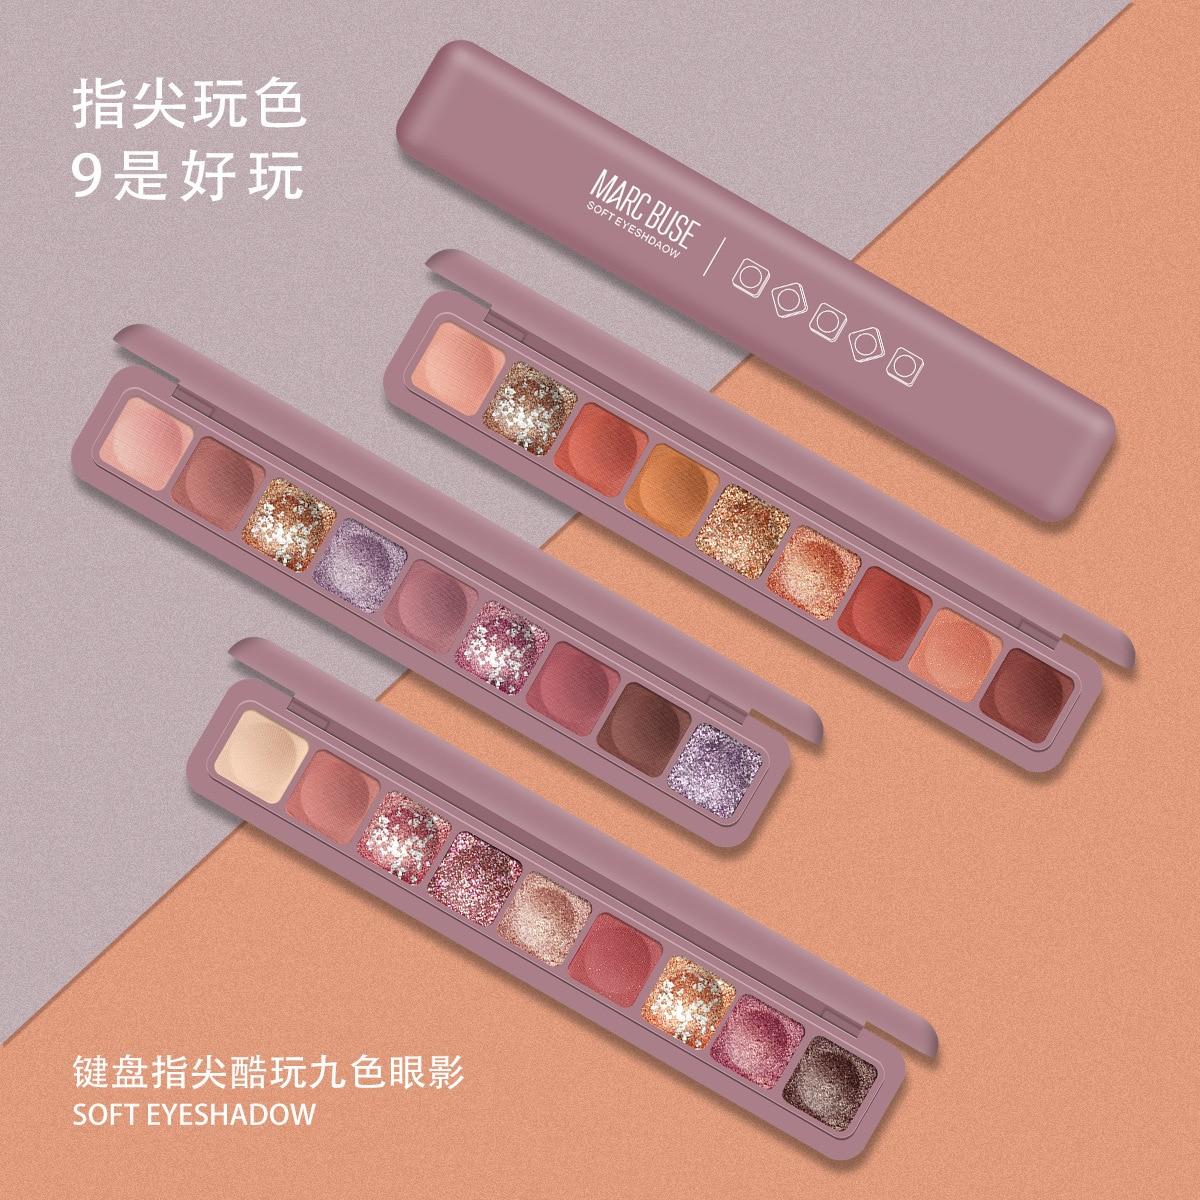 Keyboard Fingertip Nine Color Eye Shadow Waterproof Pearly Lustre Eyeshadow Compact